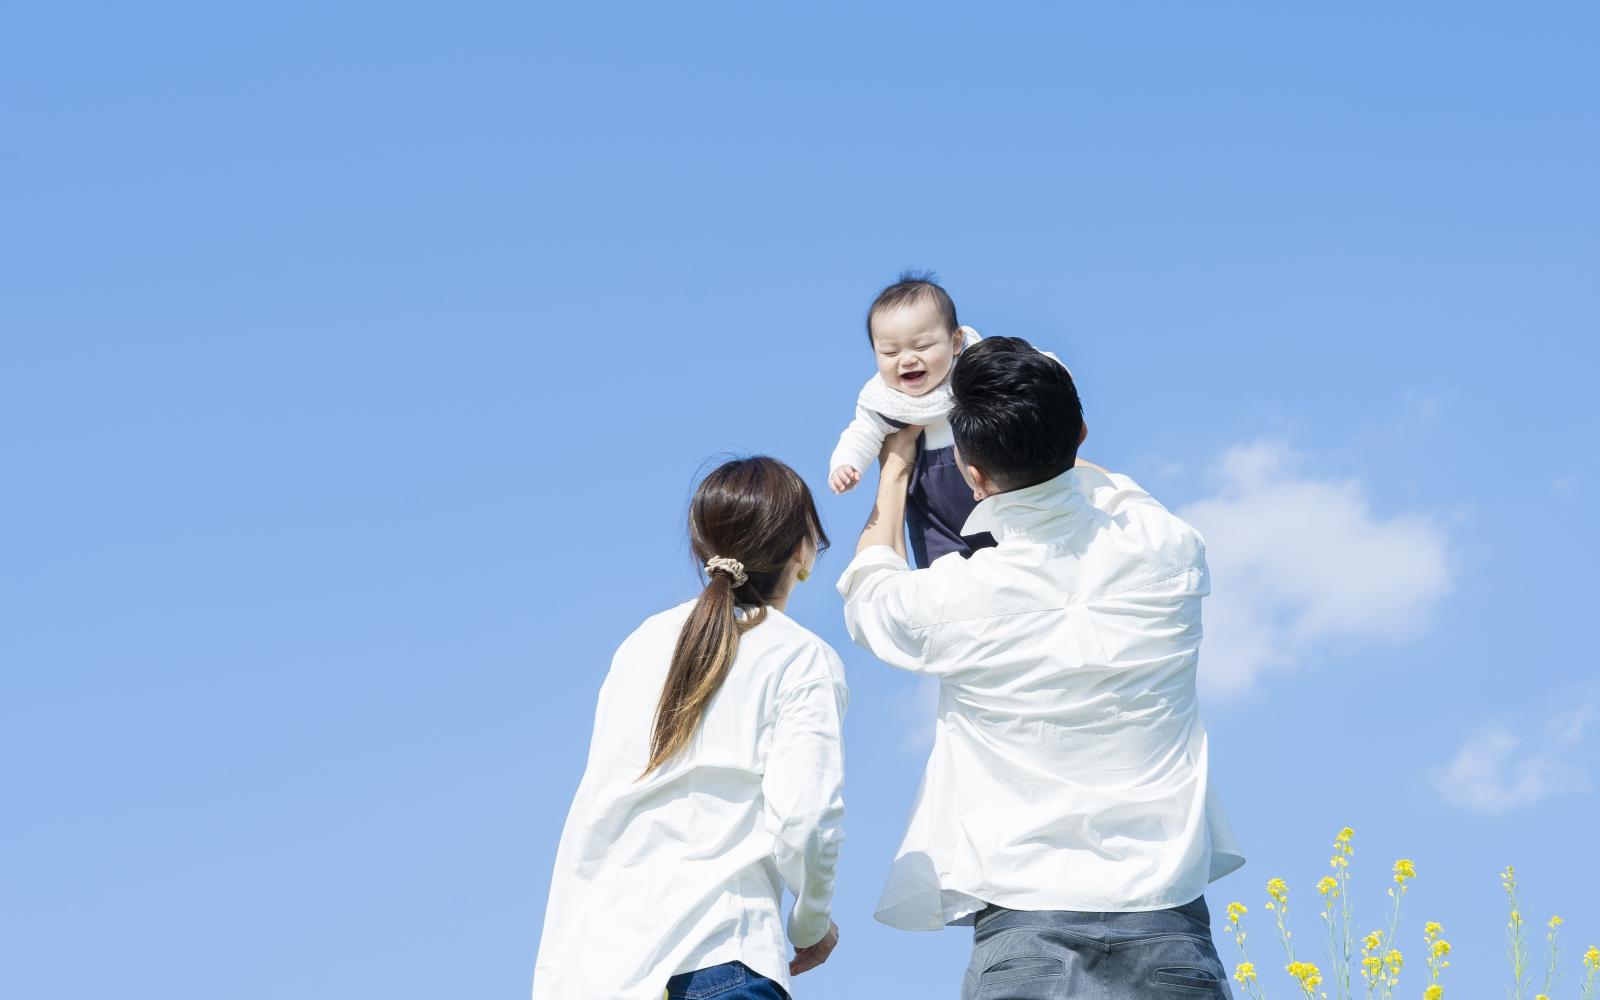 男性の育児休業の状況と改正育児・介護休業法の概要。企業がおさえておきたいポイント。イメージ